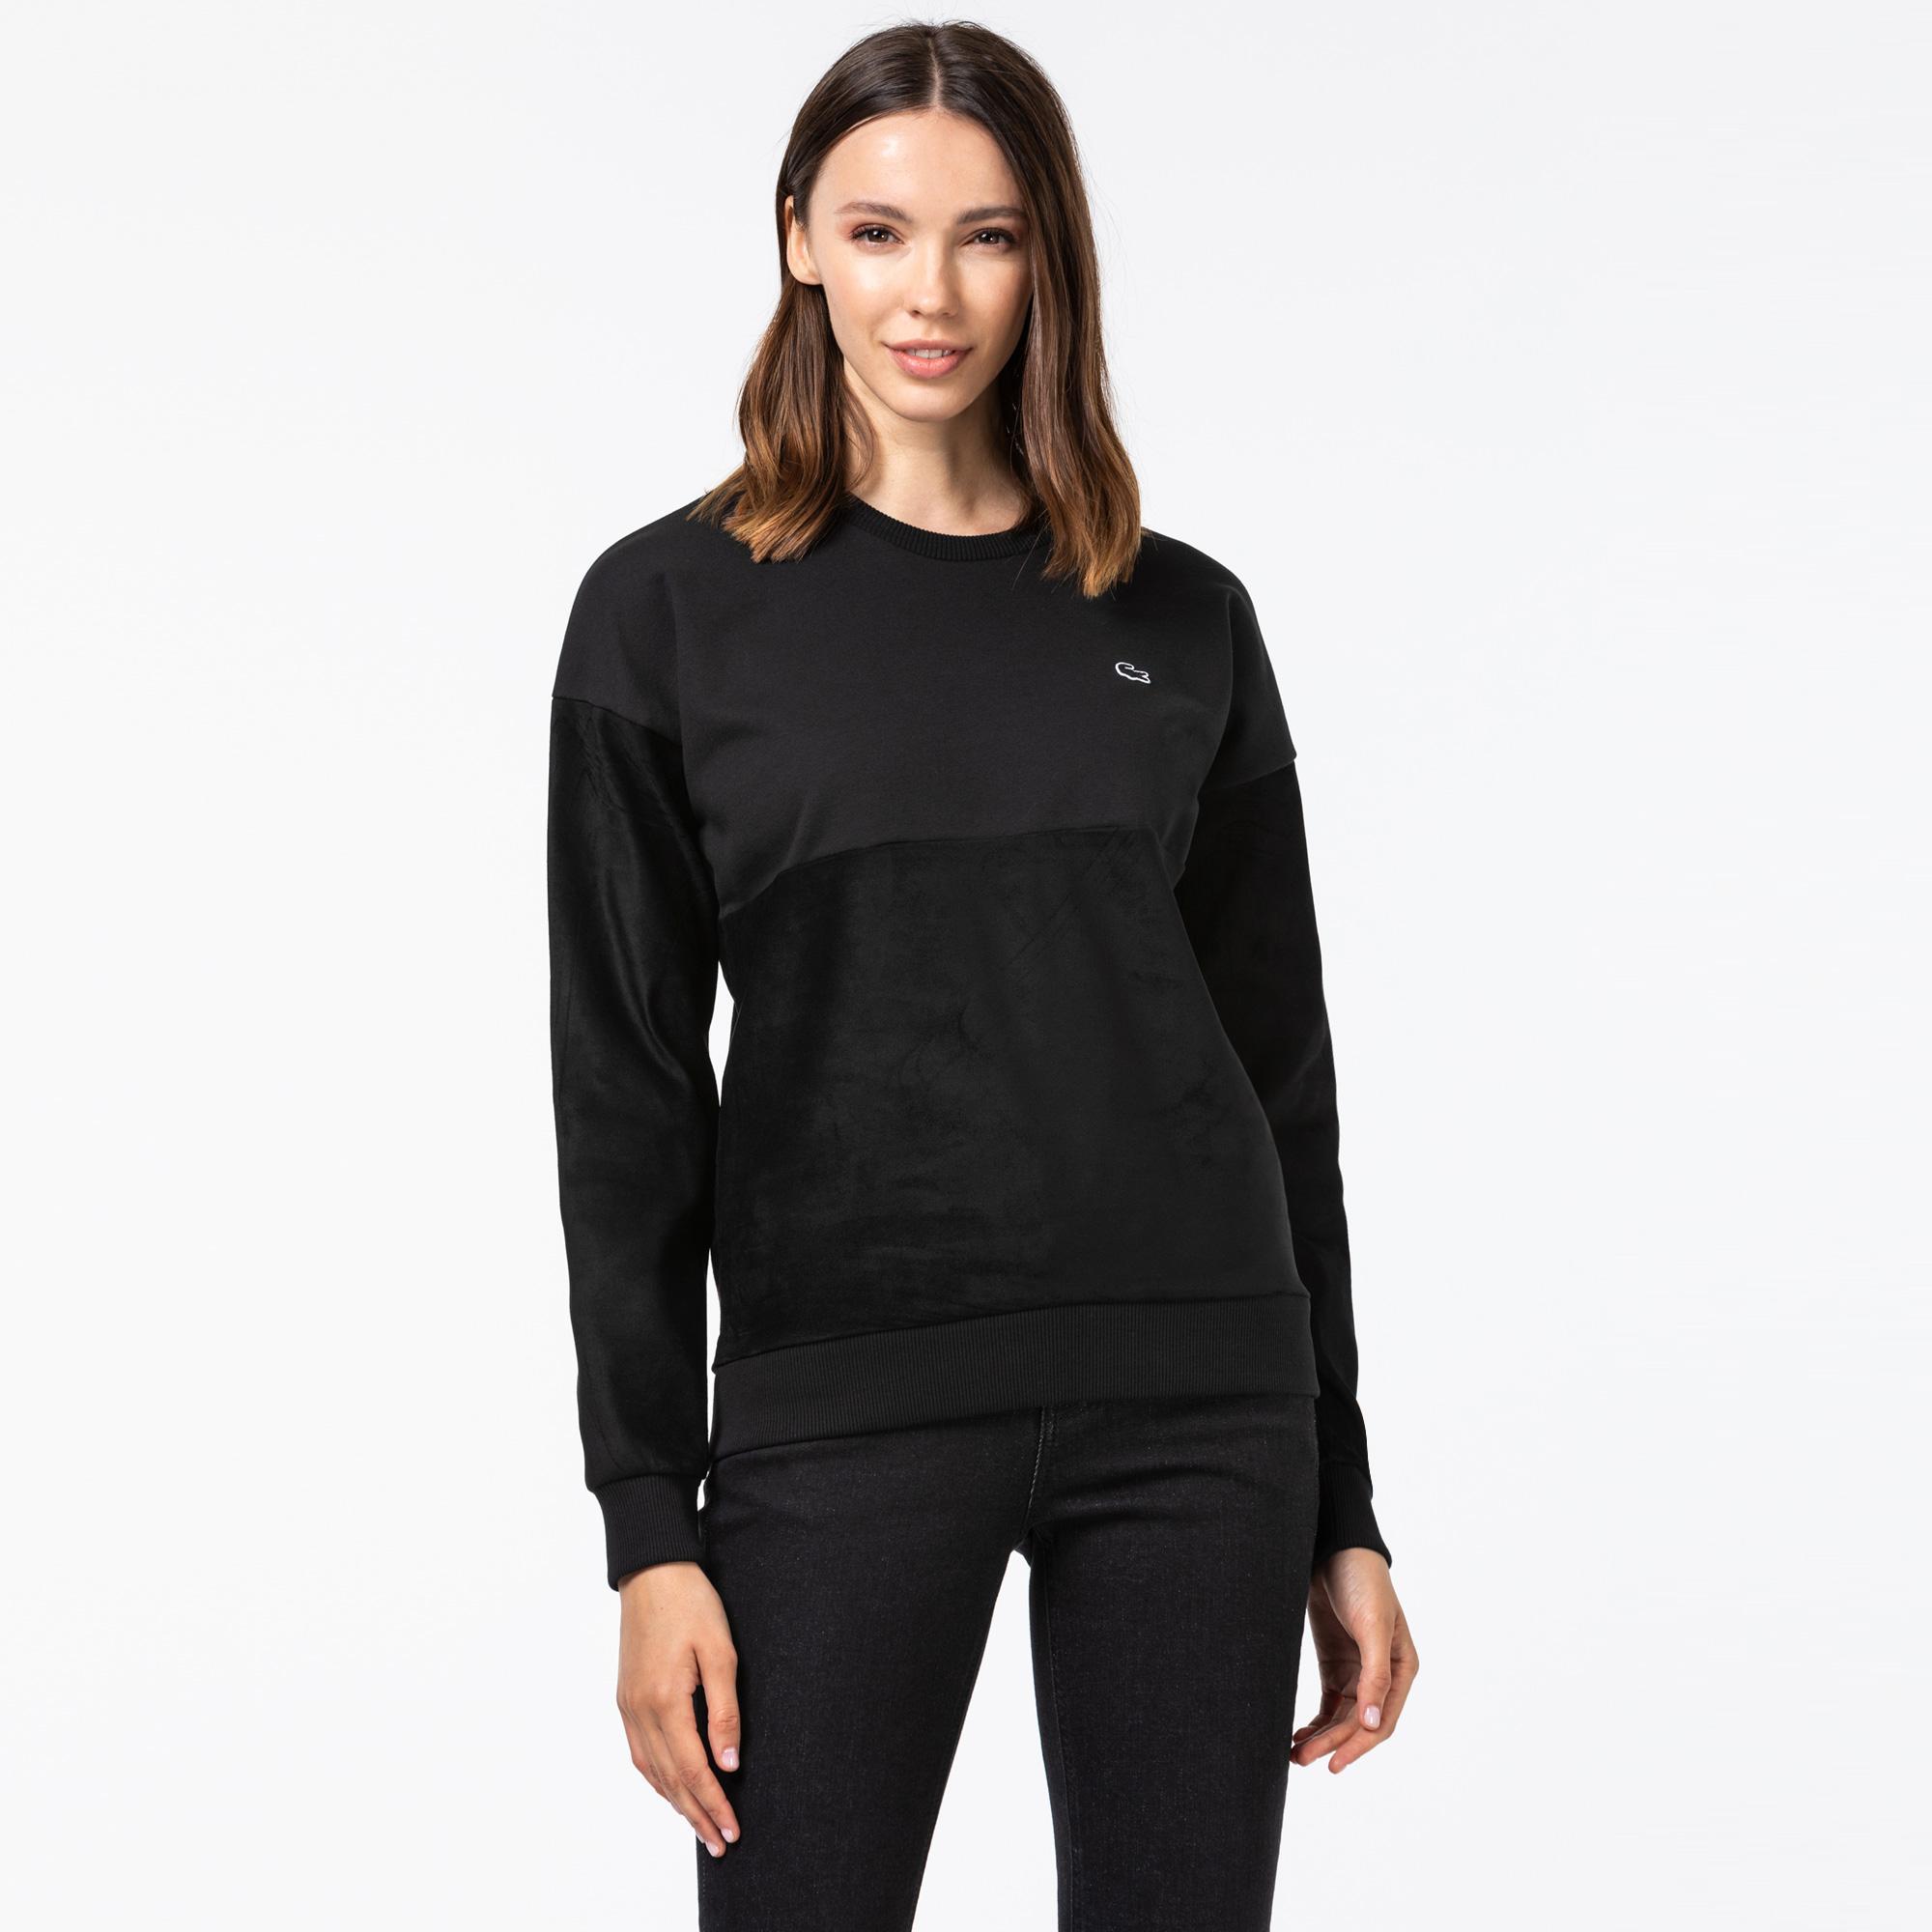 Lacoste Kadın Blok Desenli Bisiklet Yaka Siyah Sweatshirt